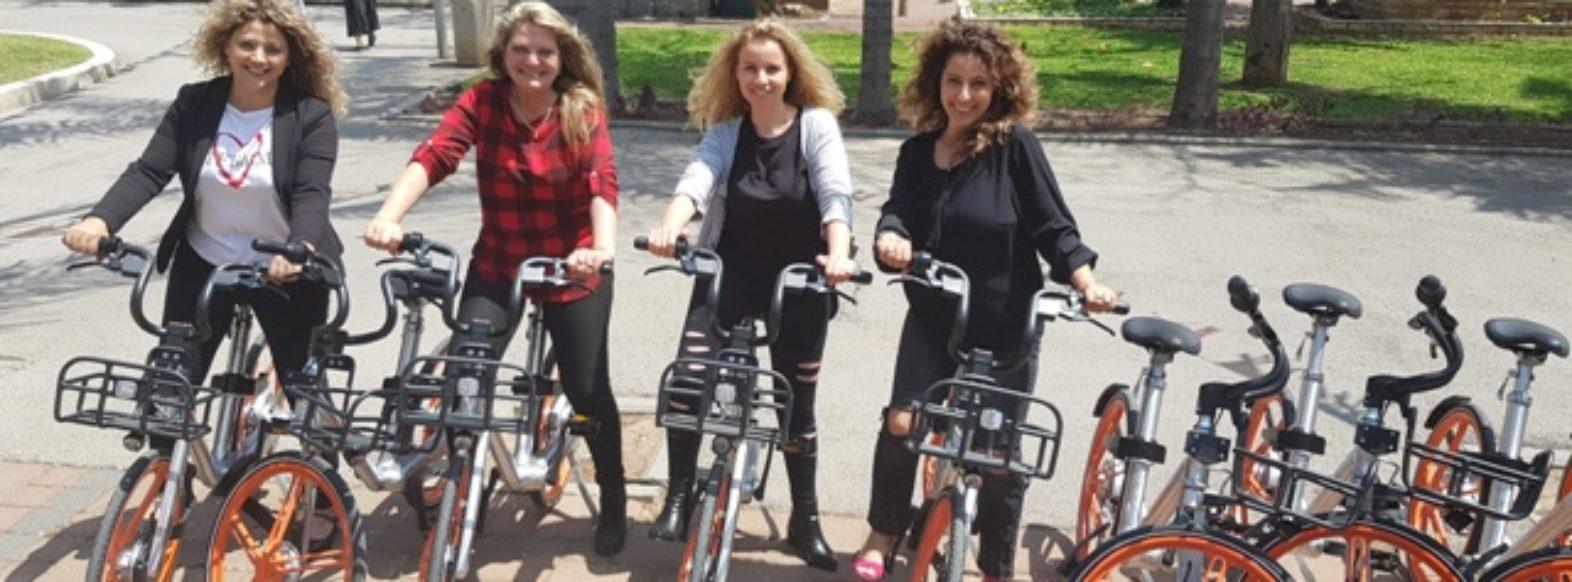 קריית ביאליק מפעילה את מיזם האופניים השיתופיים